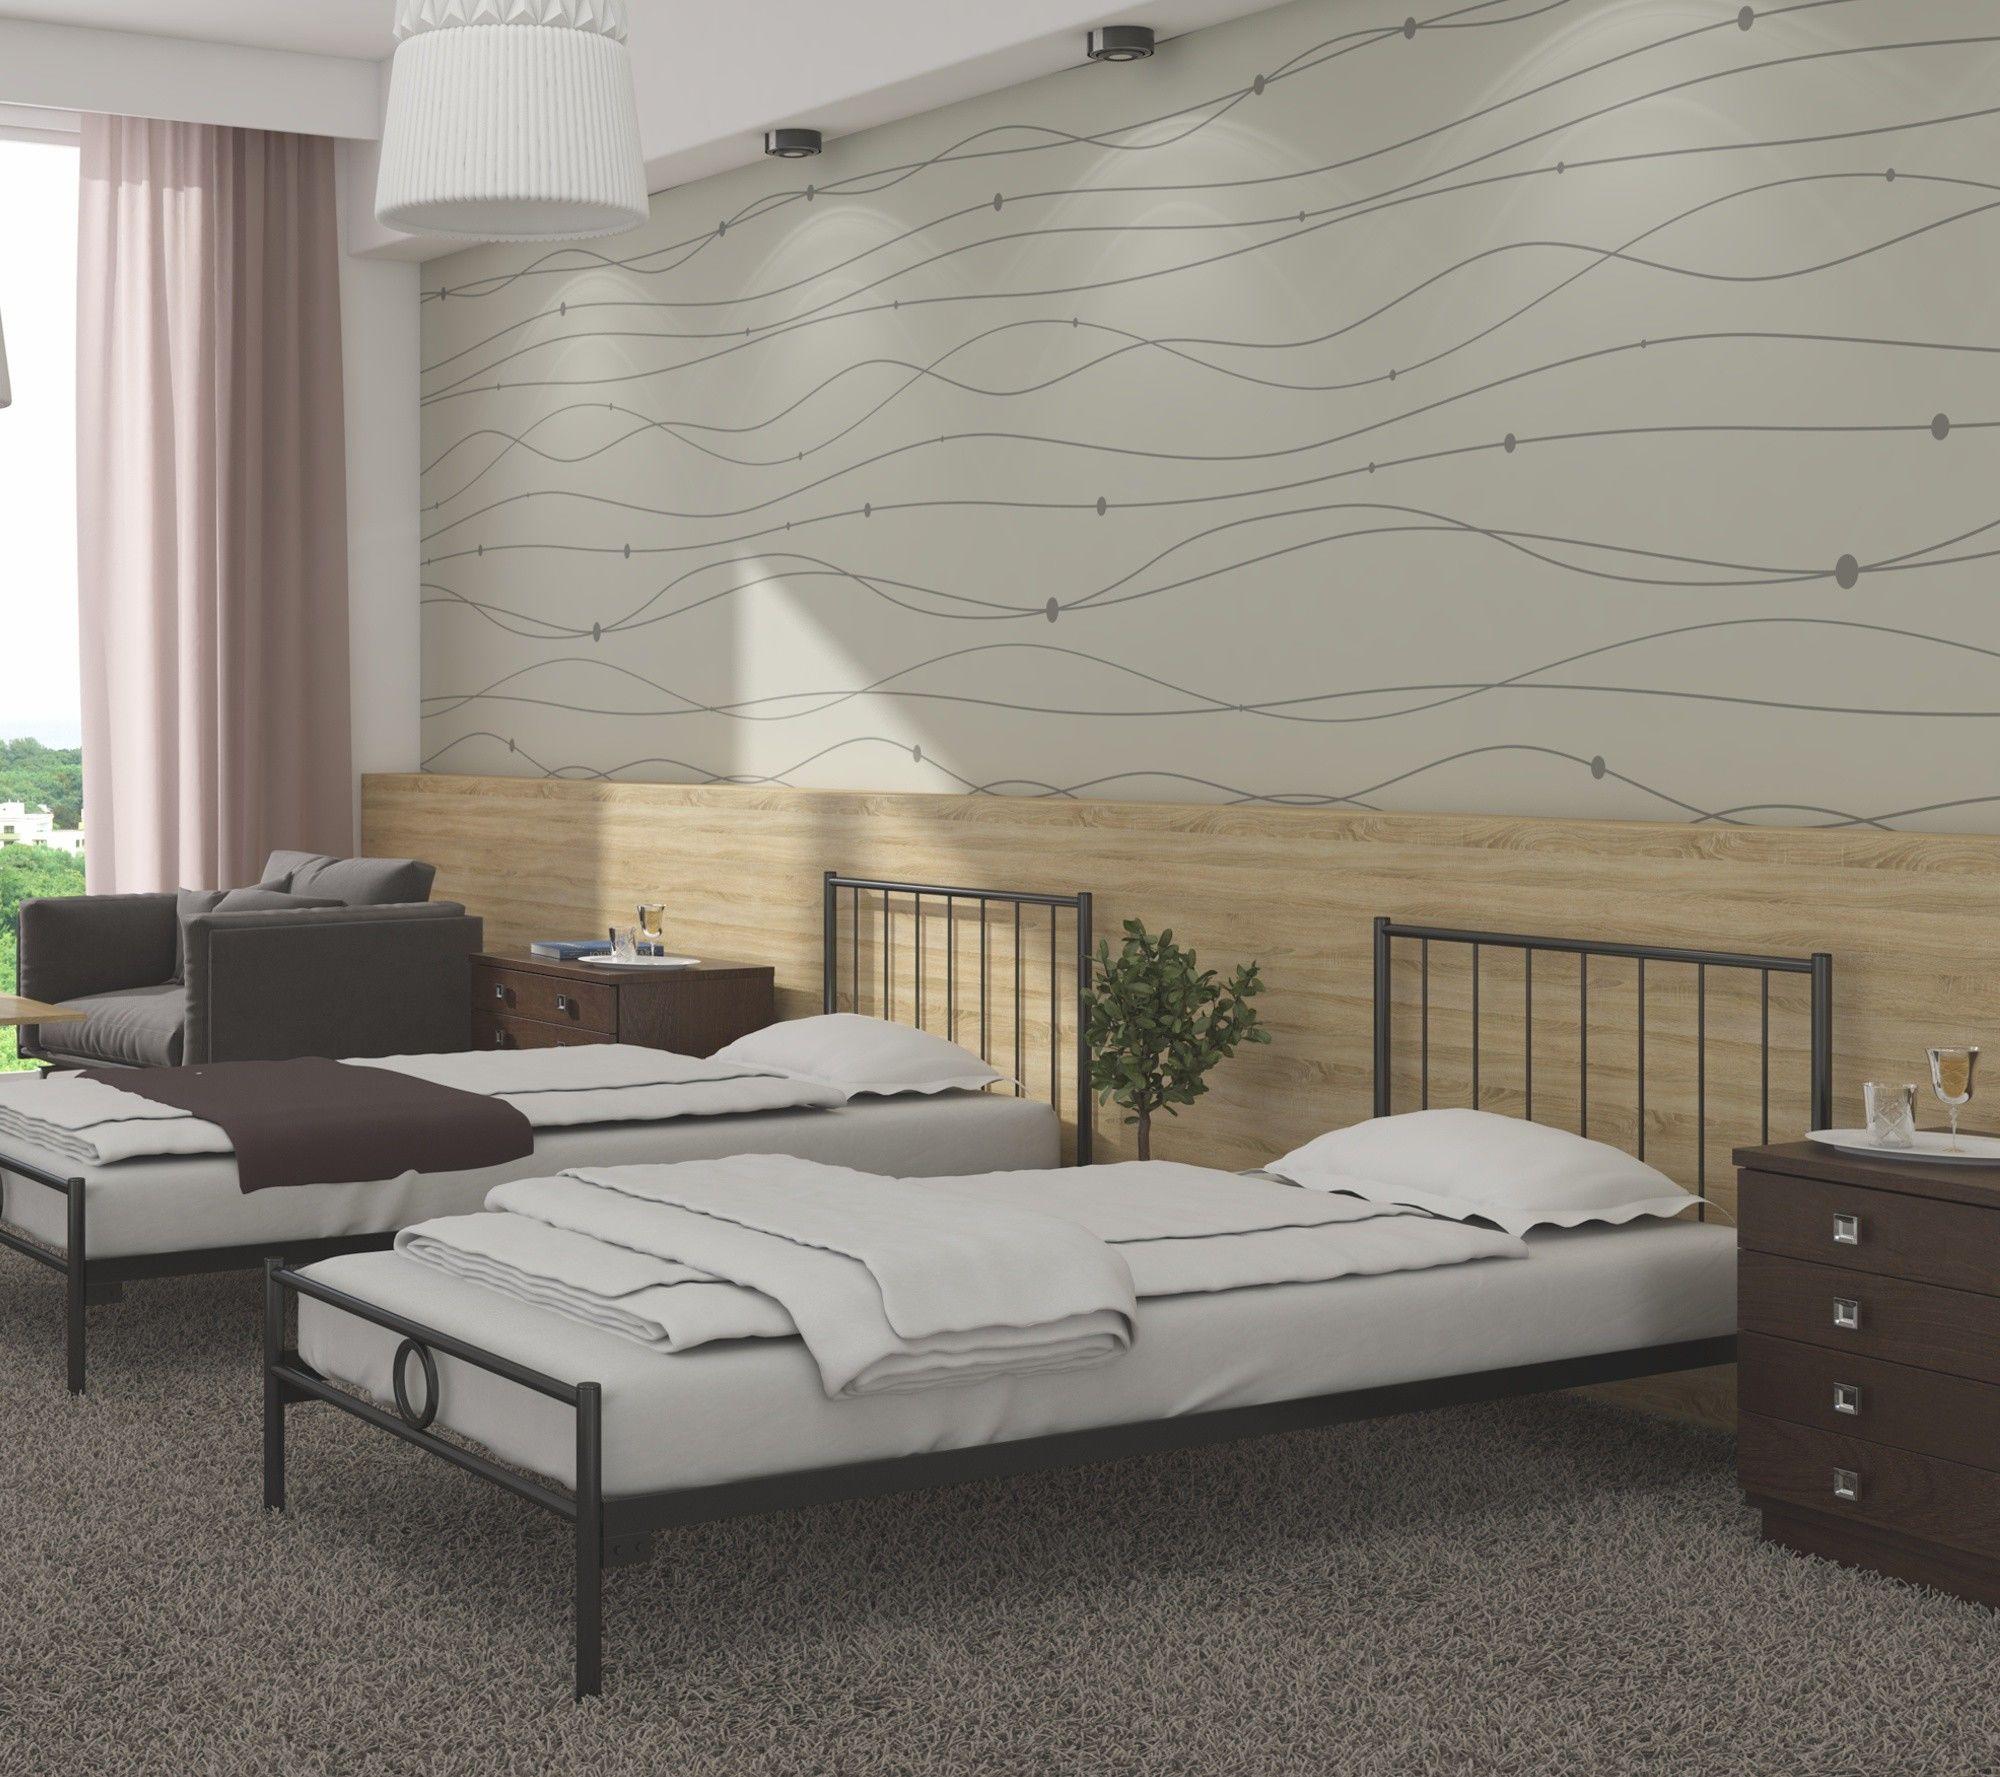 Łóżko sypialniane 100x200 wzór 3J ze stelażem pod materac